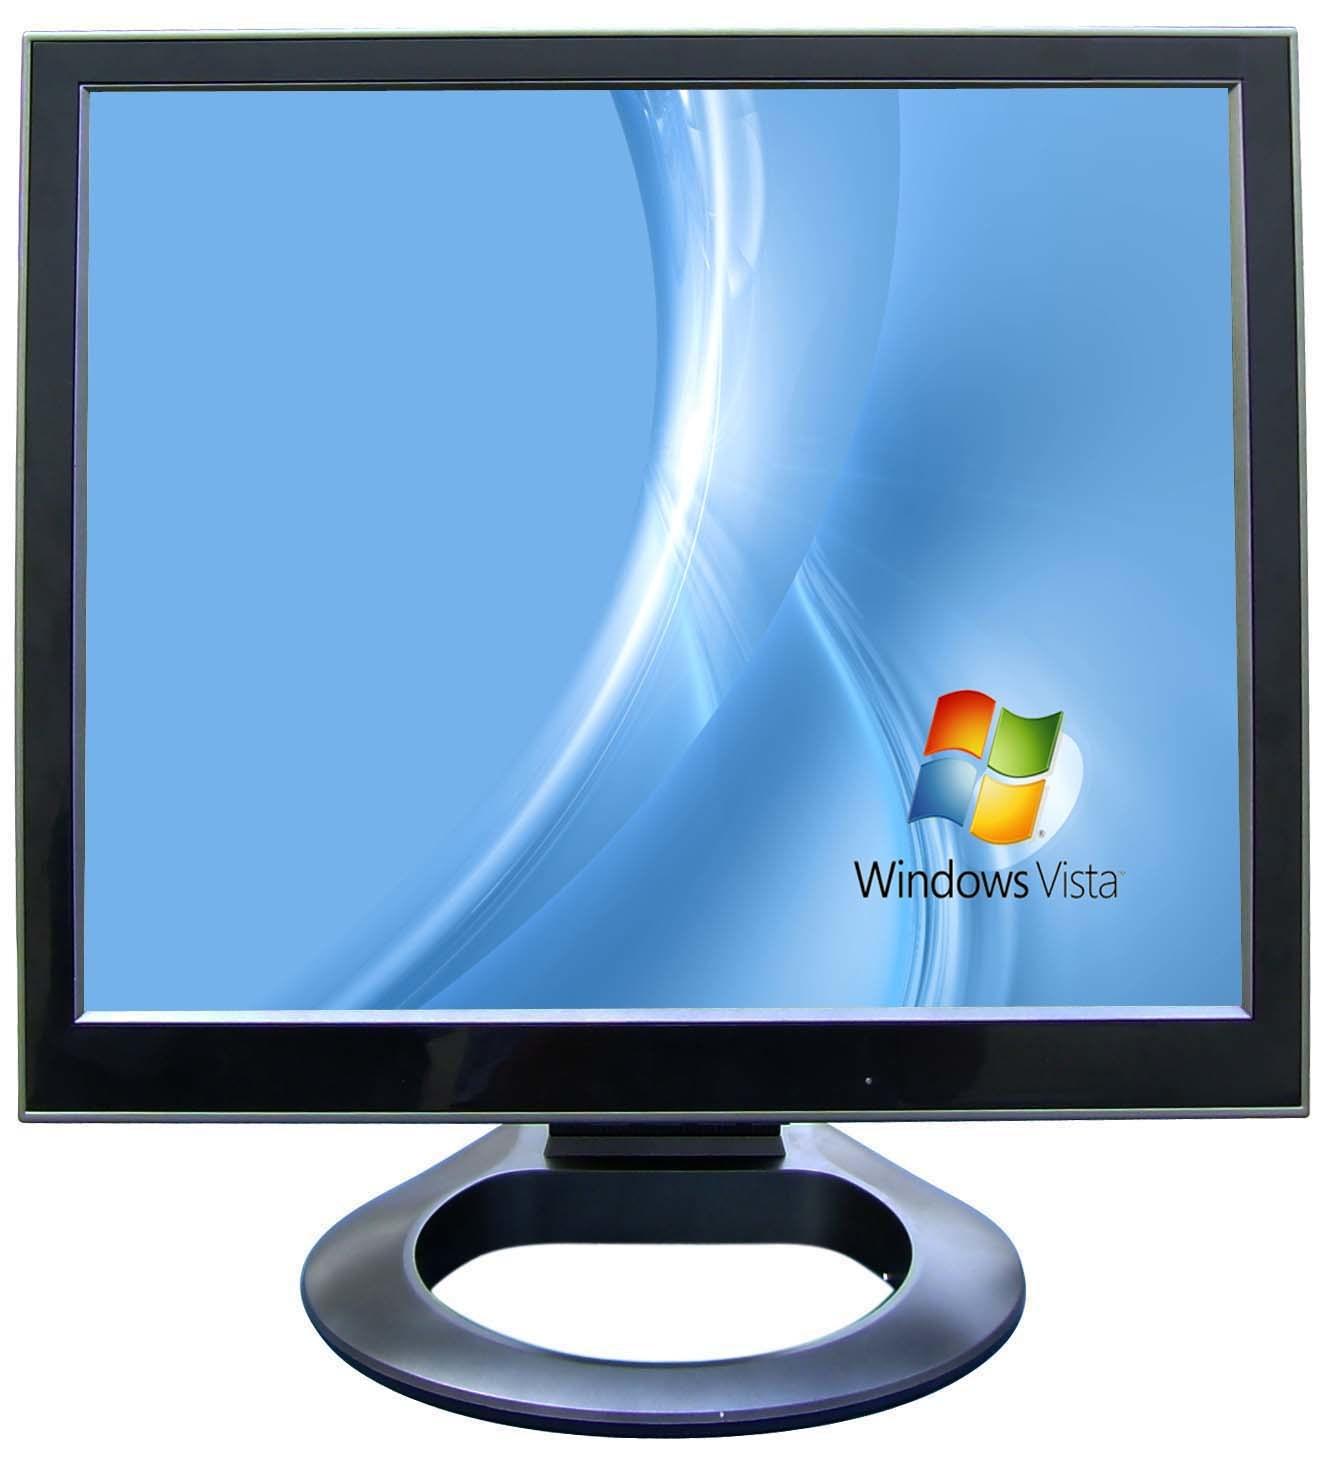 lcd computer monitor - photo #26